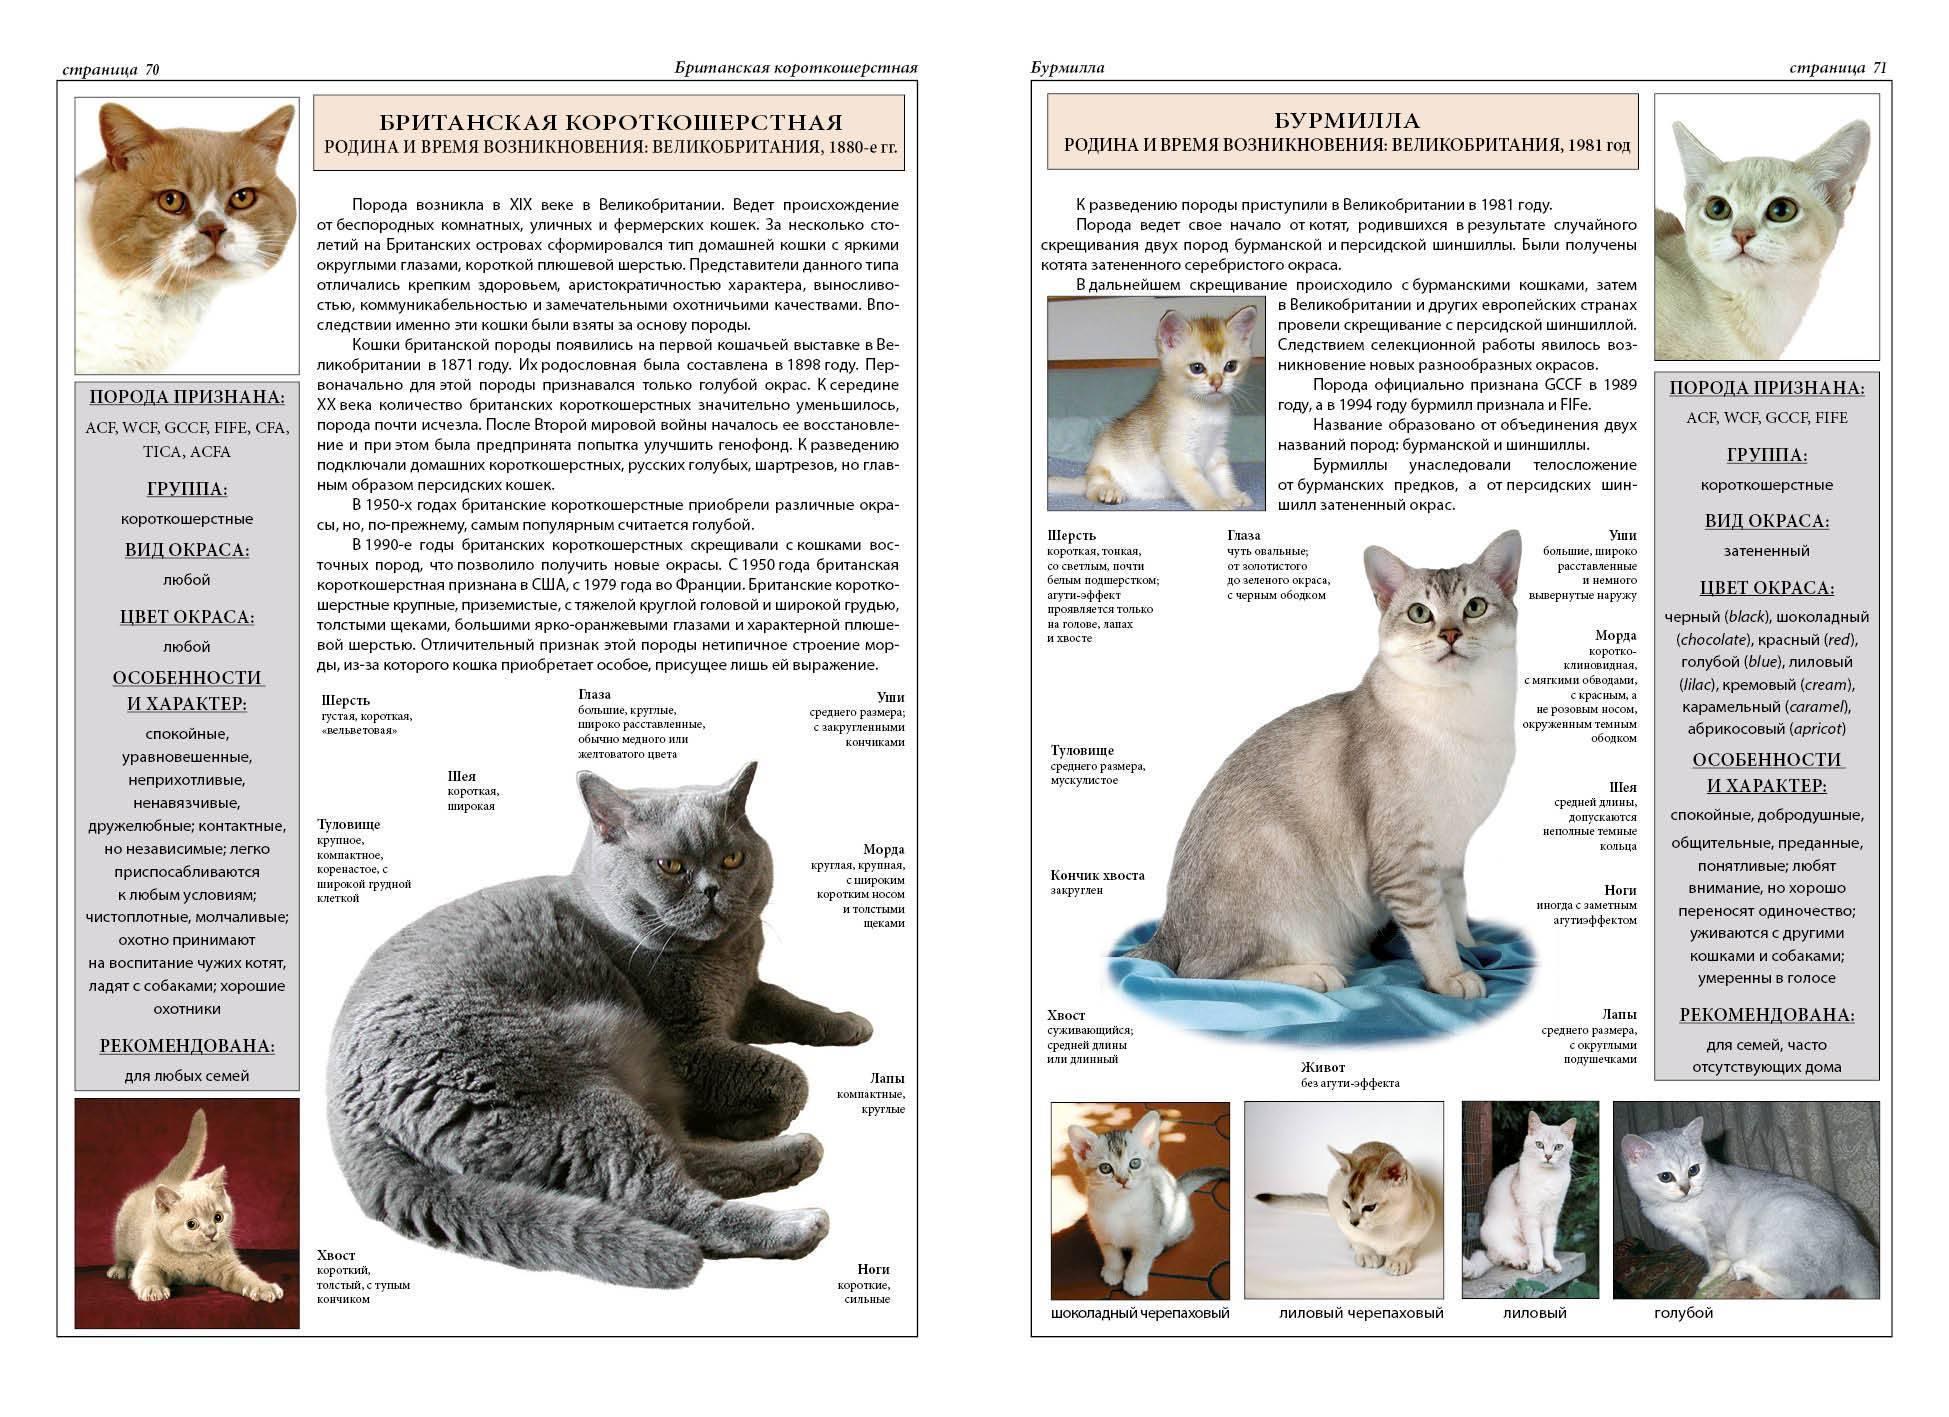 Канадский сфинкс - фото, описание породы и характера, отличия от донского